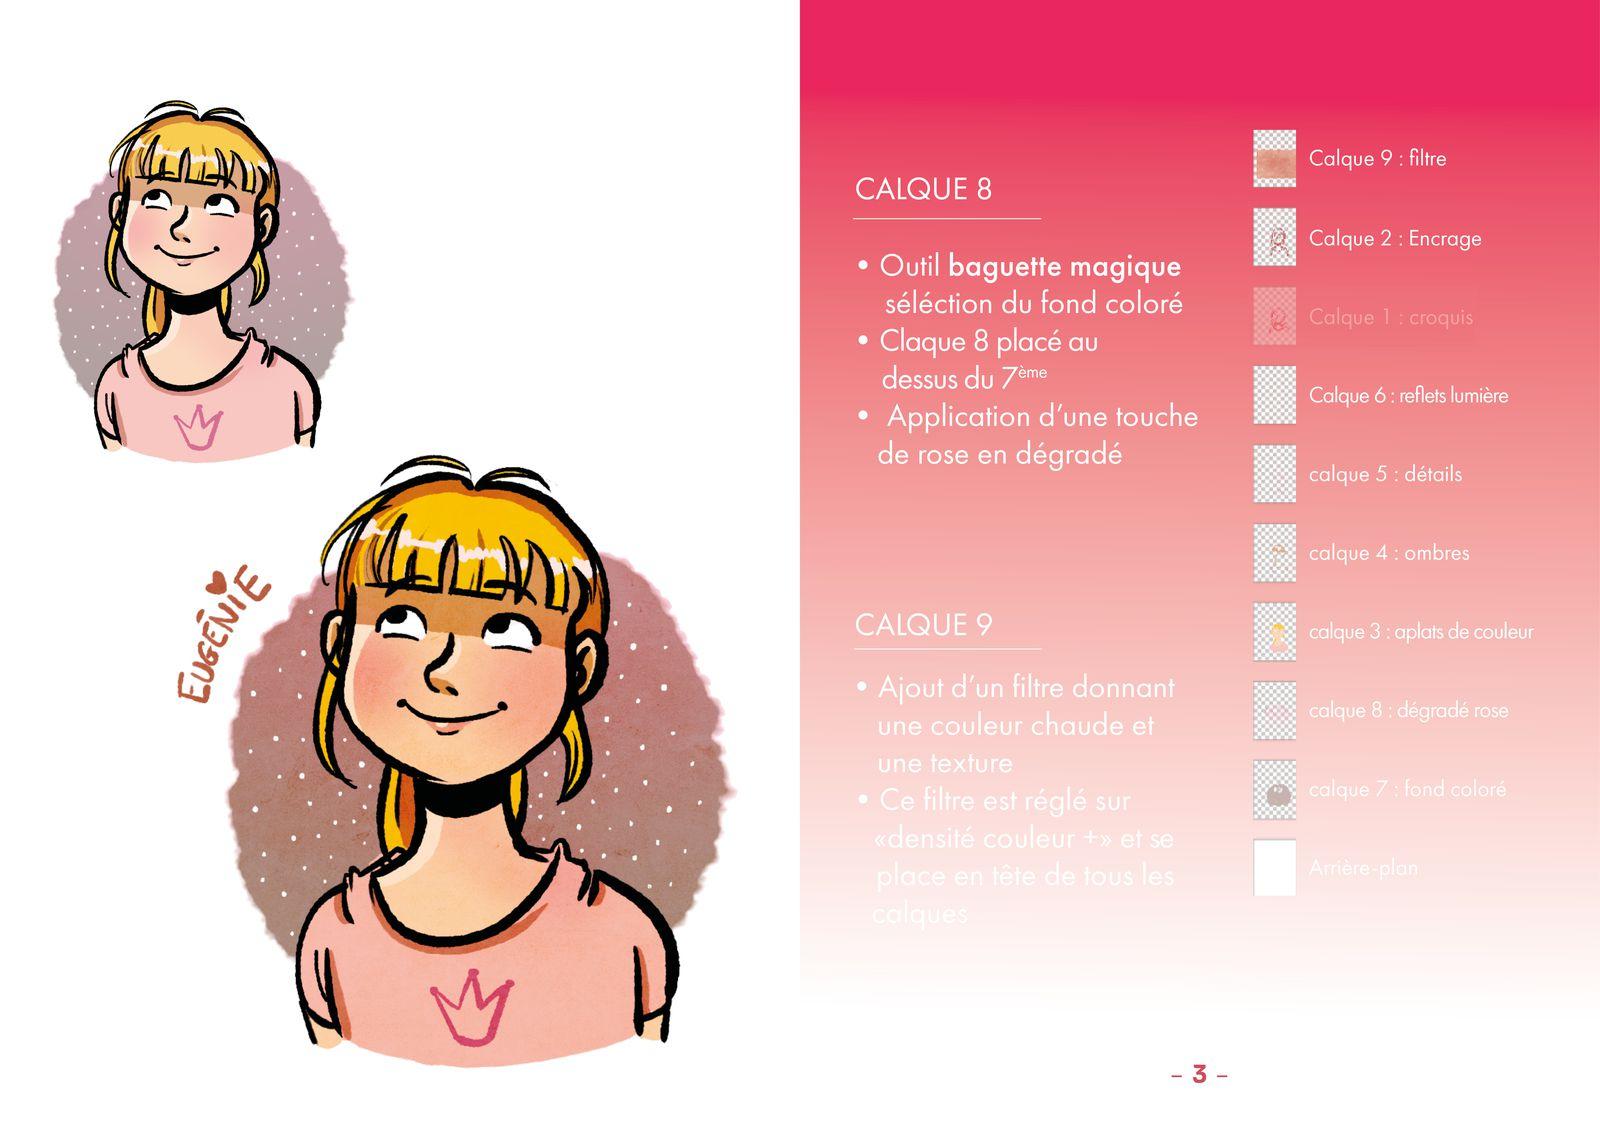 TUTO : réaliser un personnage avec photoshop